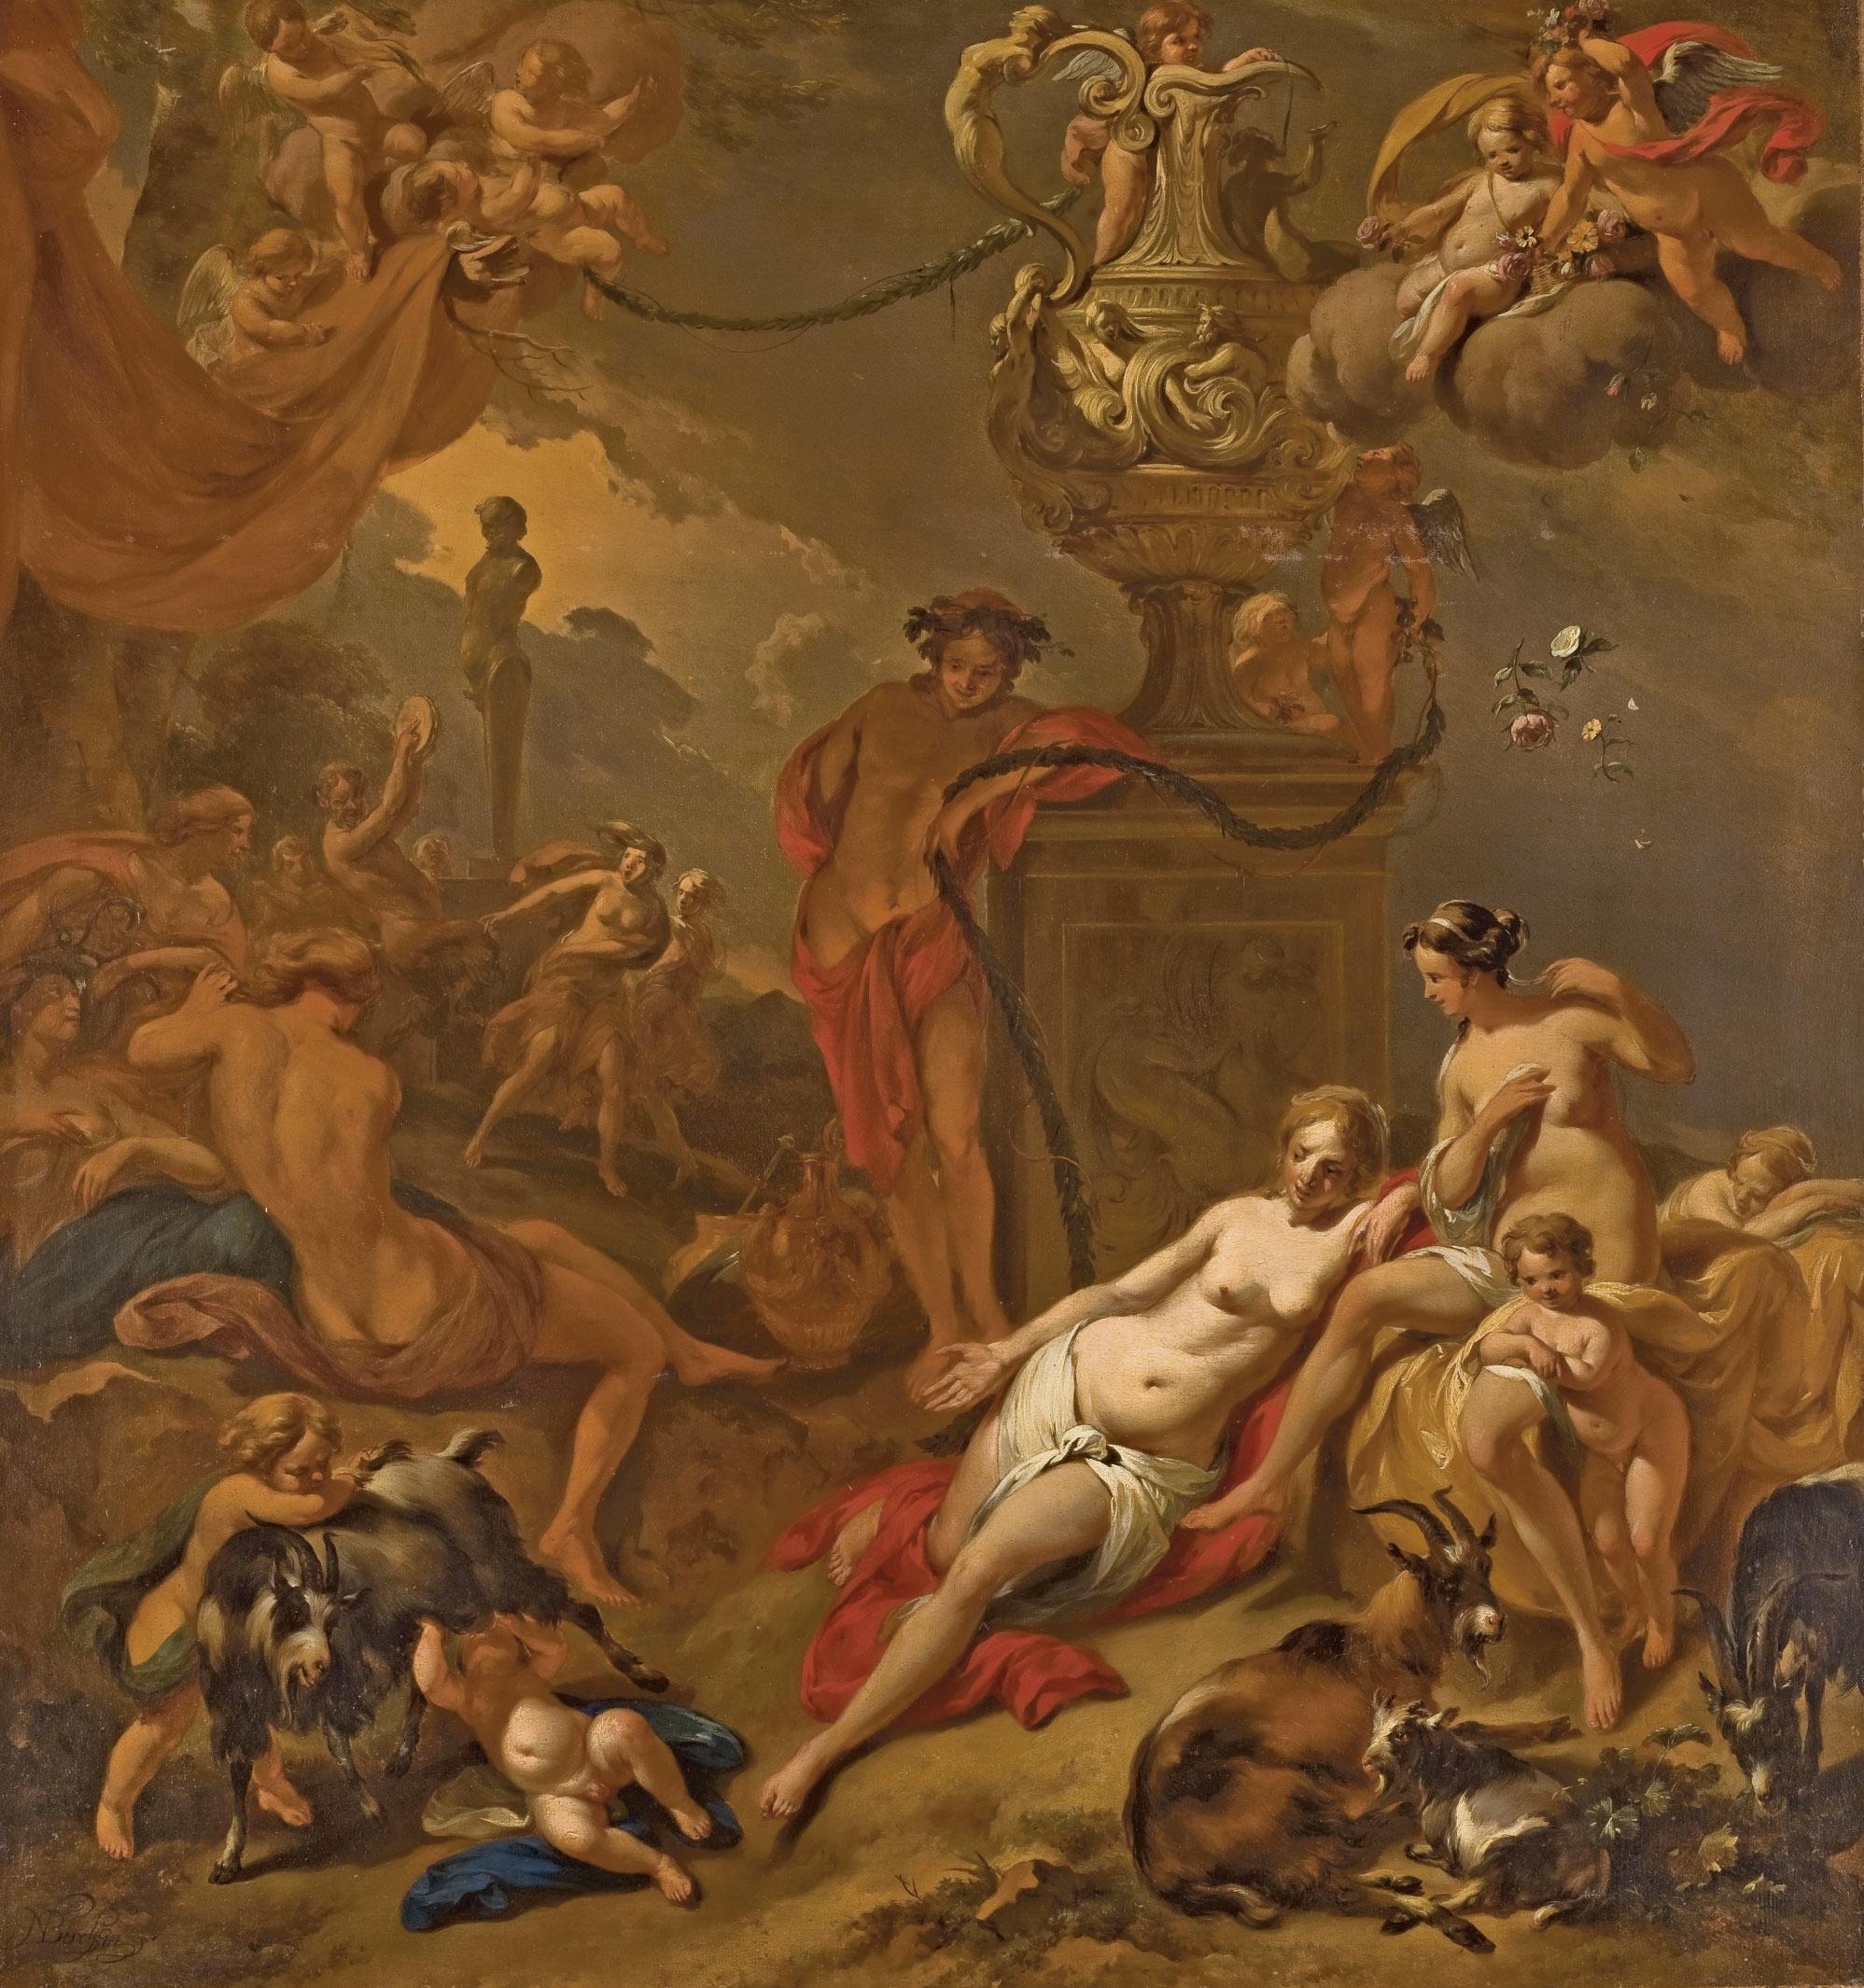 NICOLAES BERCHEM (HAARLEM 1620